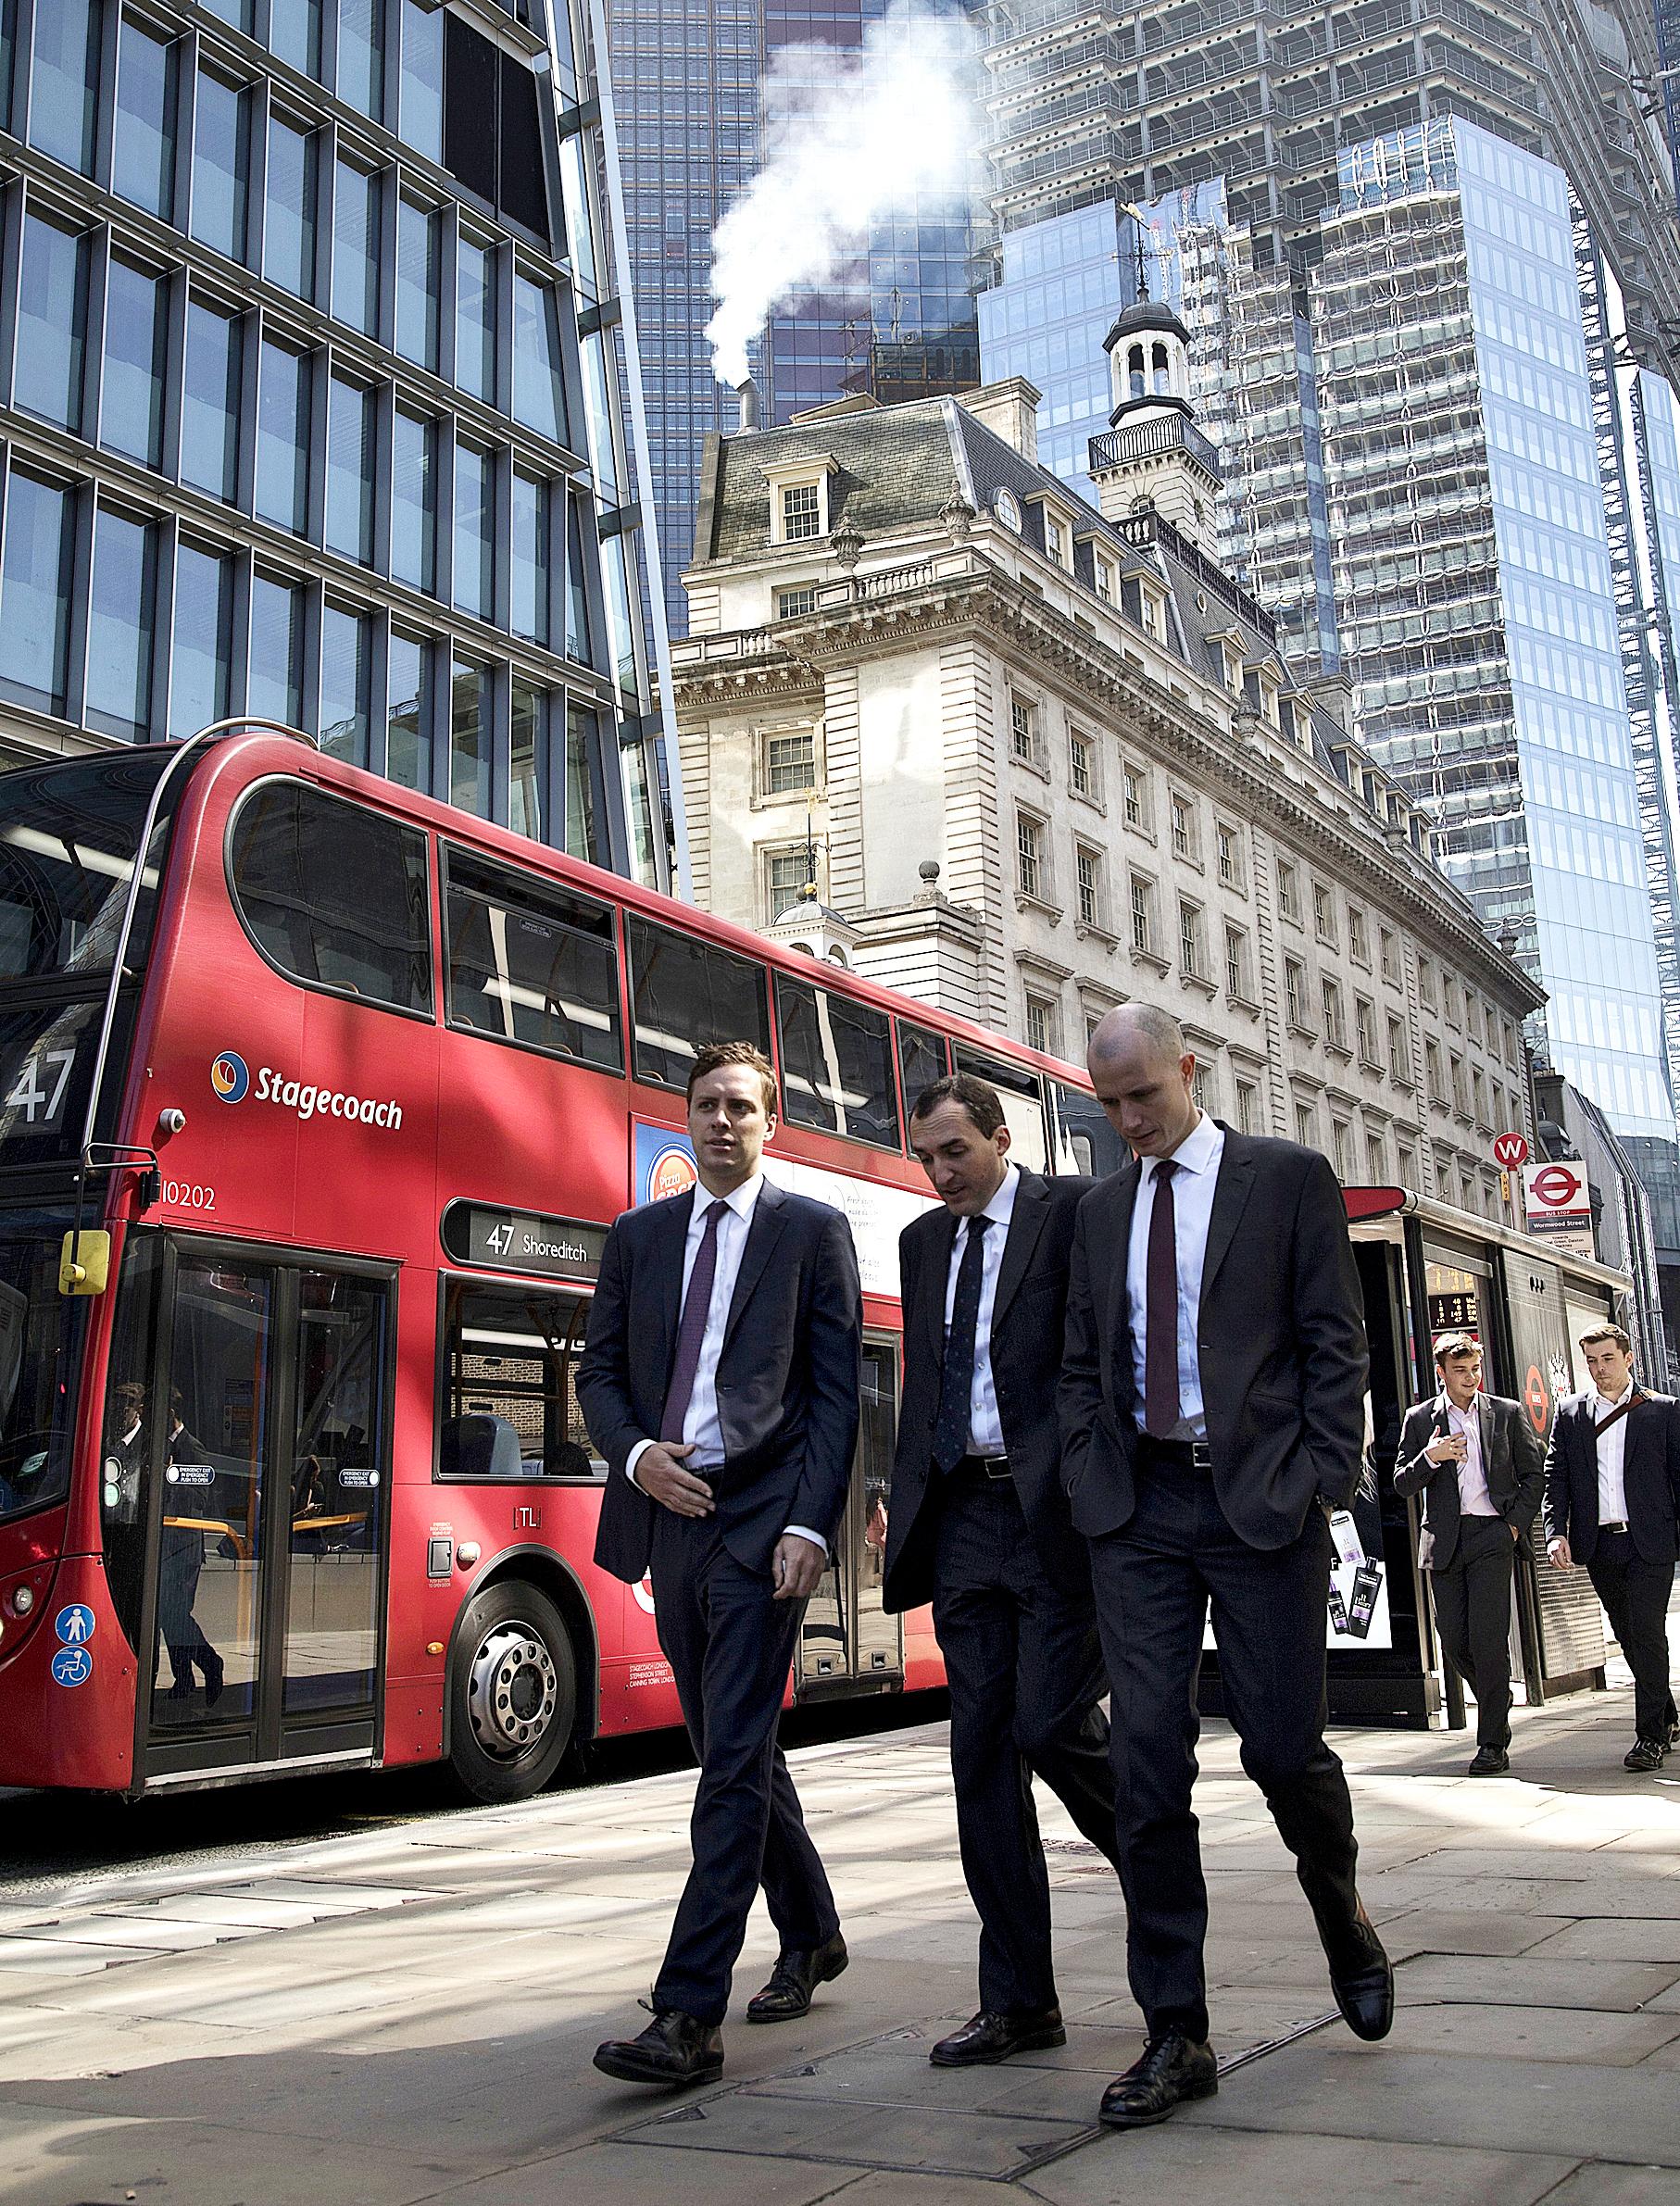 Tres británicos pasean por una calle de Londres.